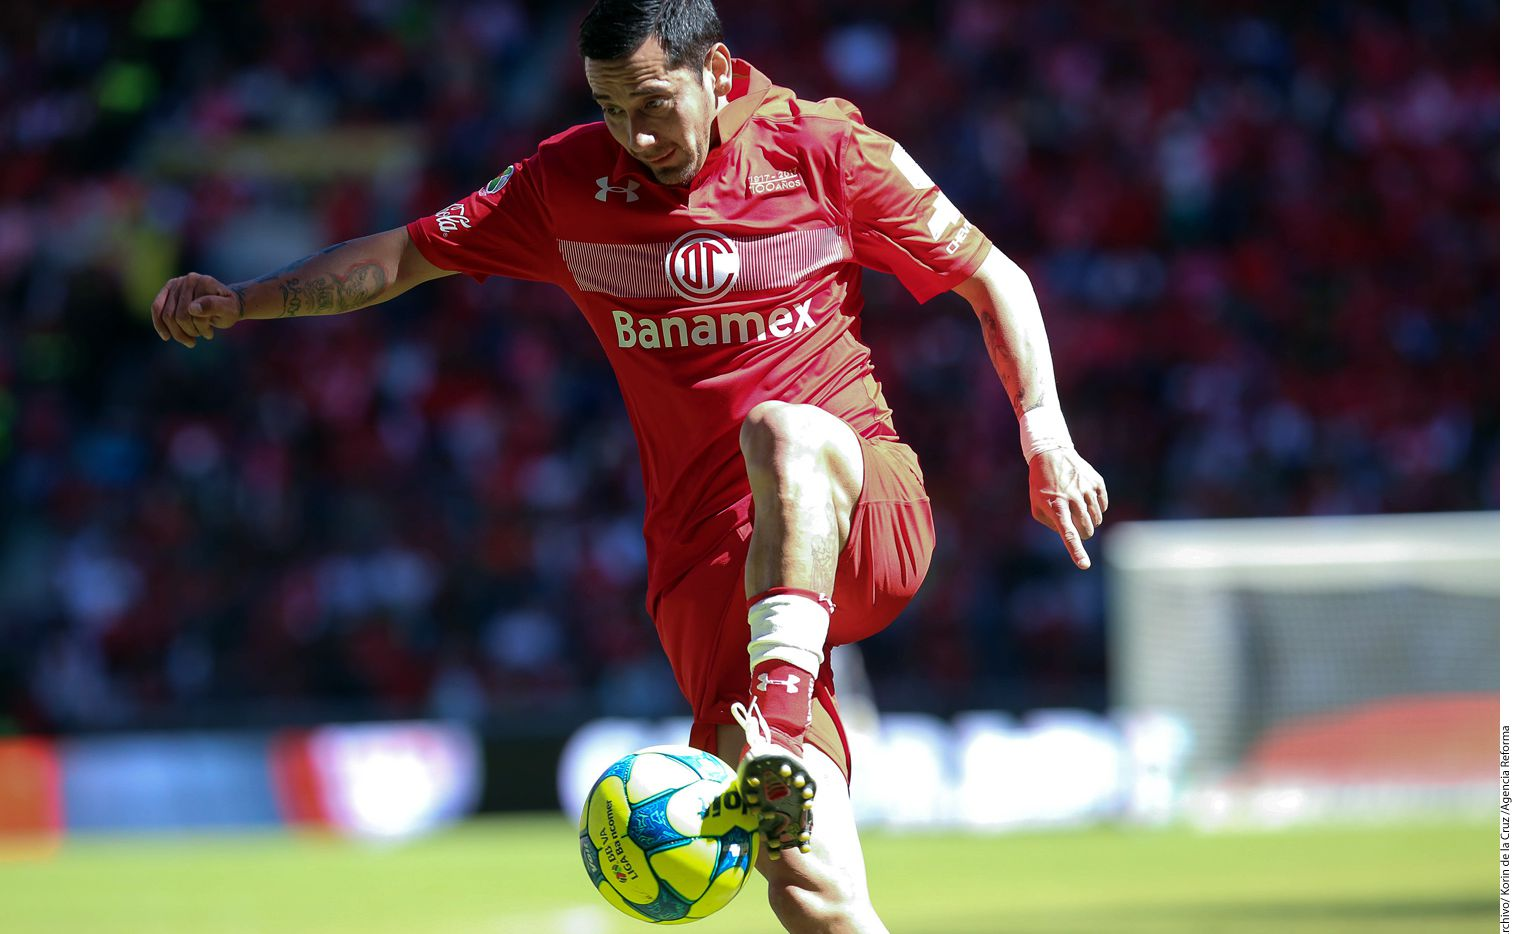 Rubens Sambueza (foto) y Andrés Andrade están suspendidos de manera temporal en lo que se determina si son inhabilitados por las lesiones causadas a 'Conejito' e Ibarra, respectivamente./ AGENCIA REFORMA